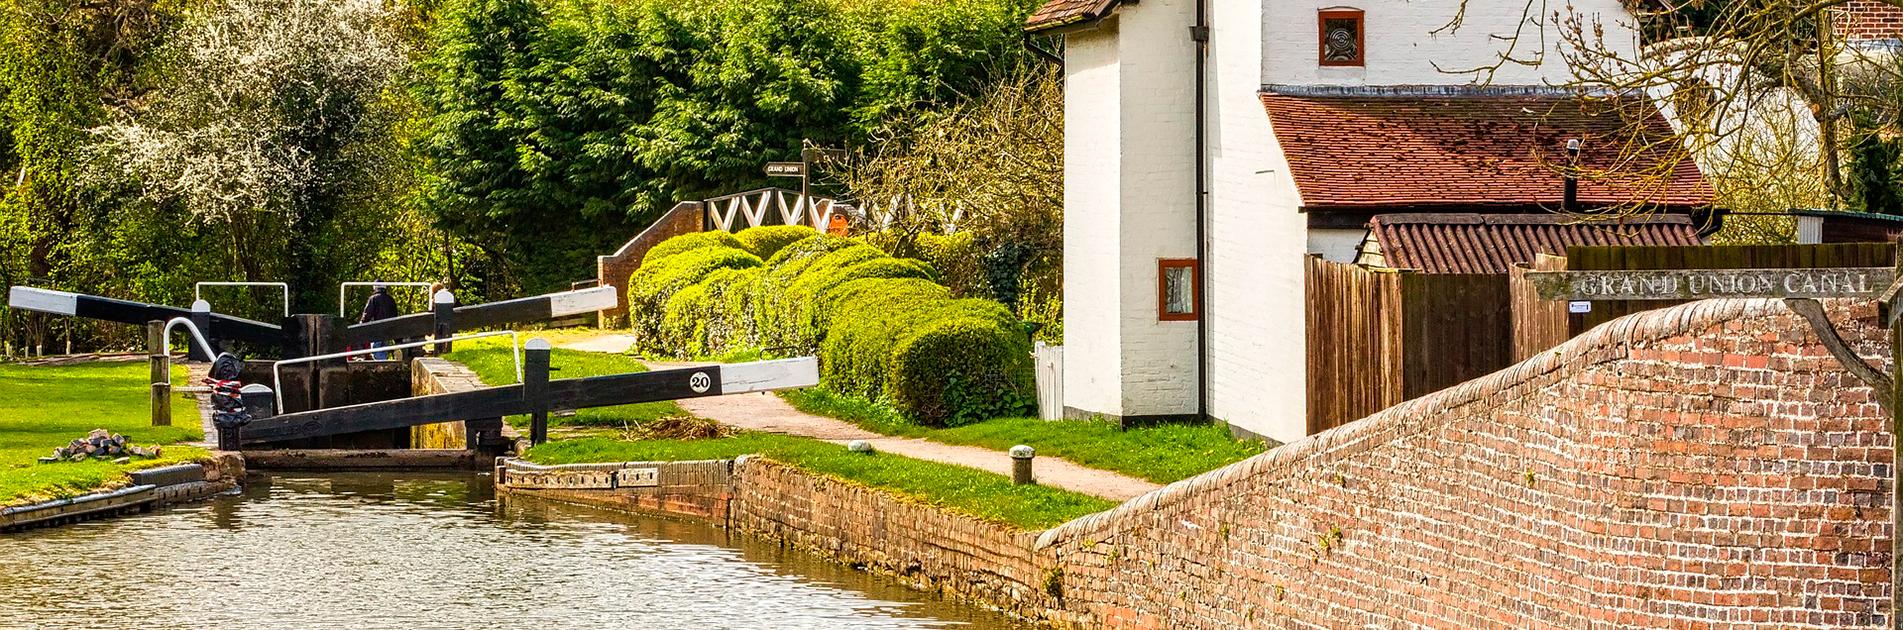 Lock near Coventry